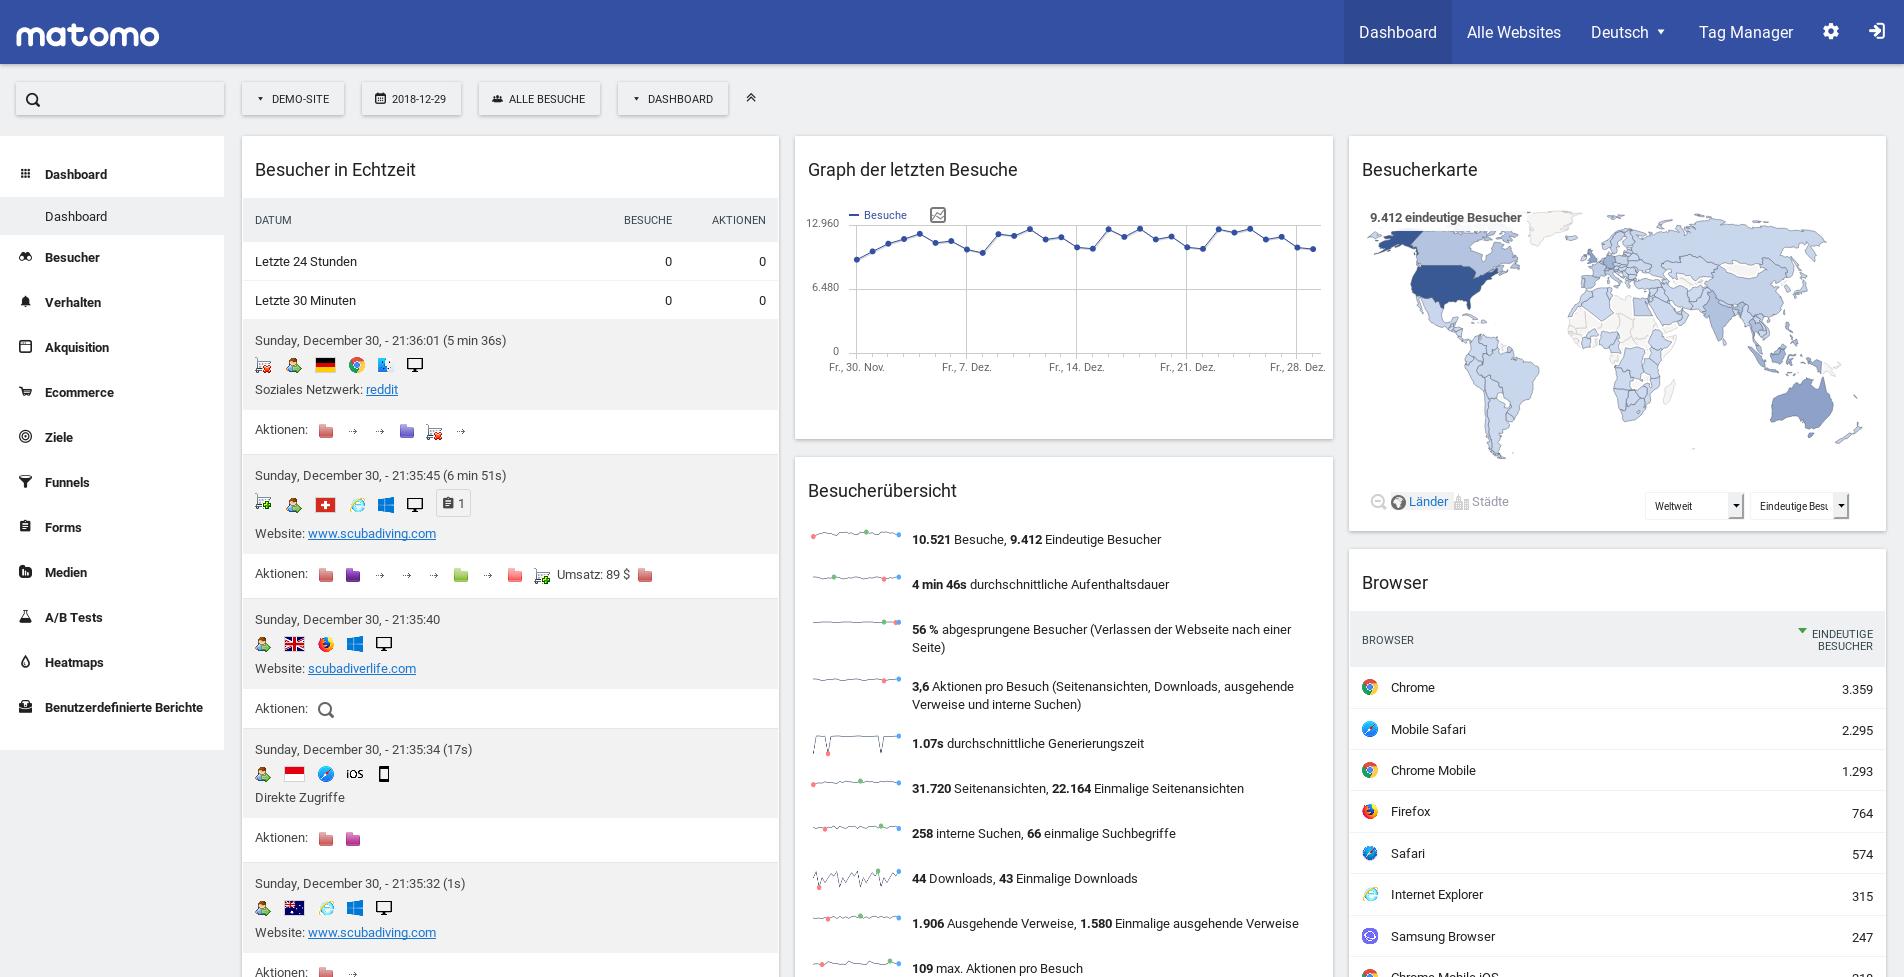 Google Analytics 360 tiene como rival Matomo y otros SaaS como Adobe Analytics o Statcounter